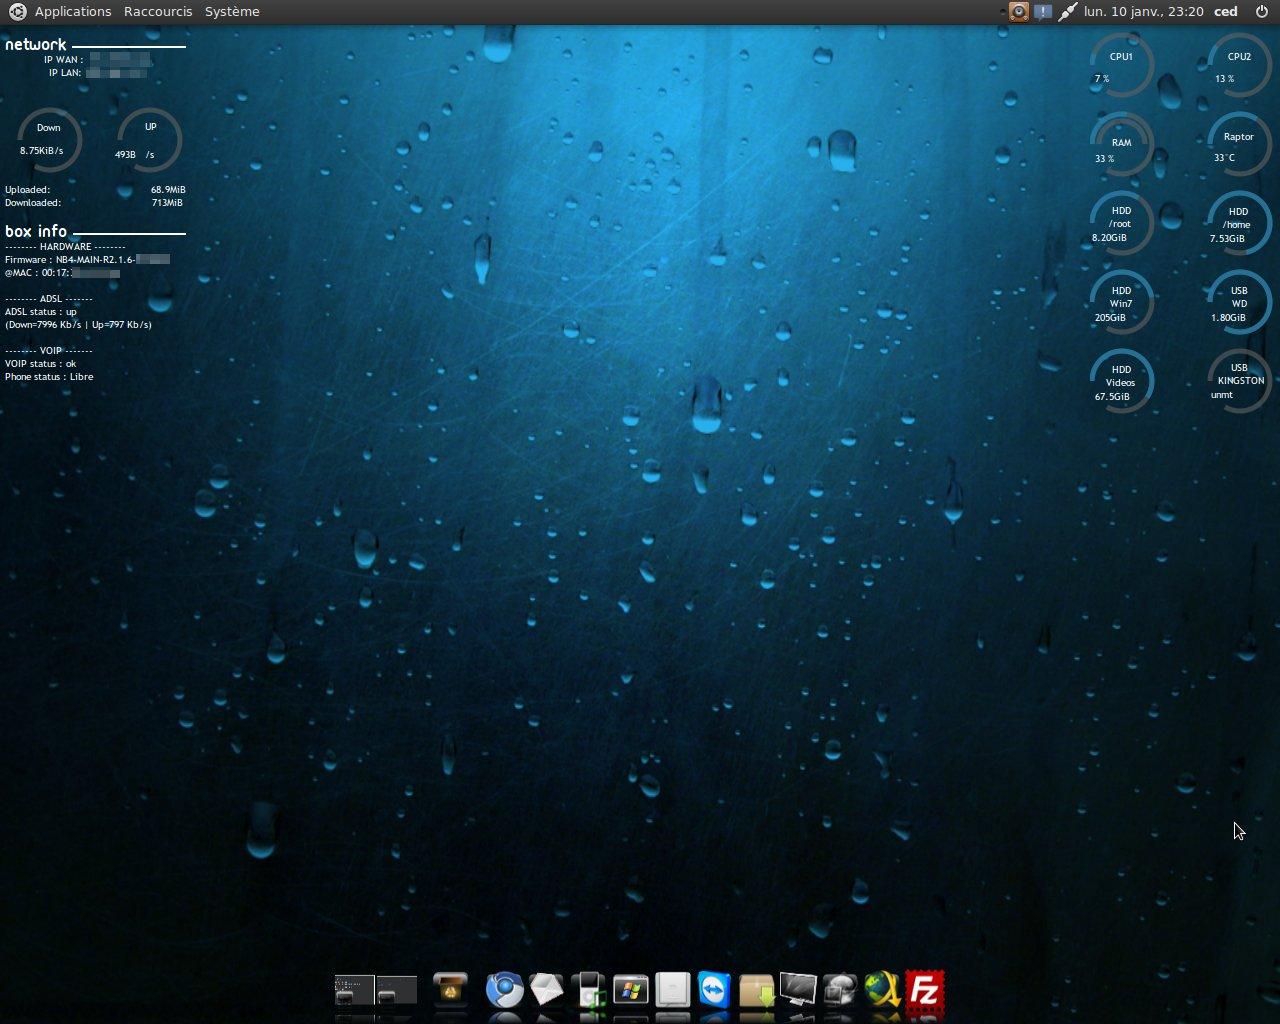 desktop Ced